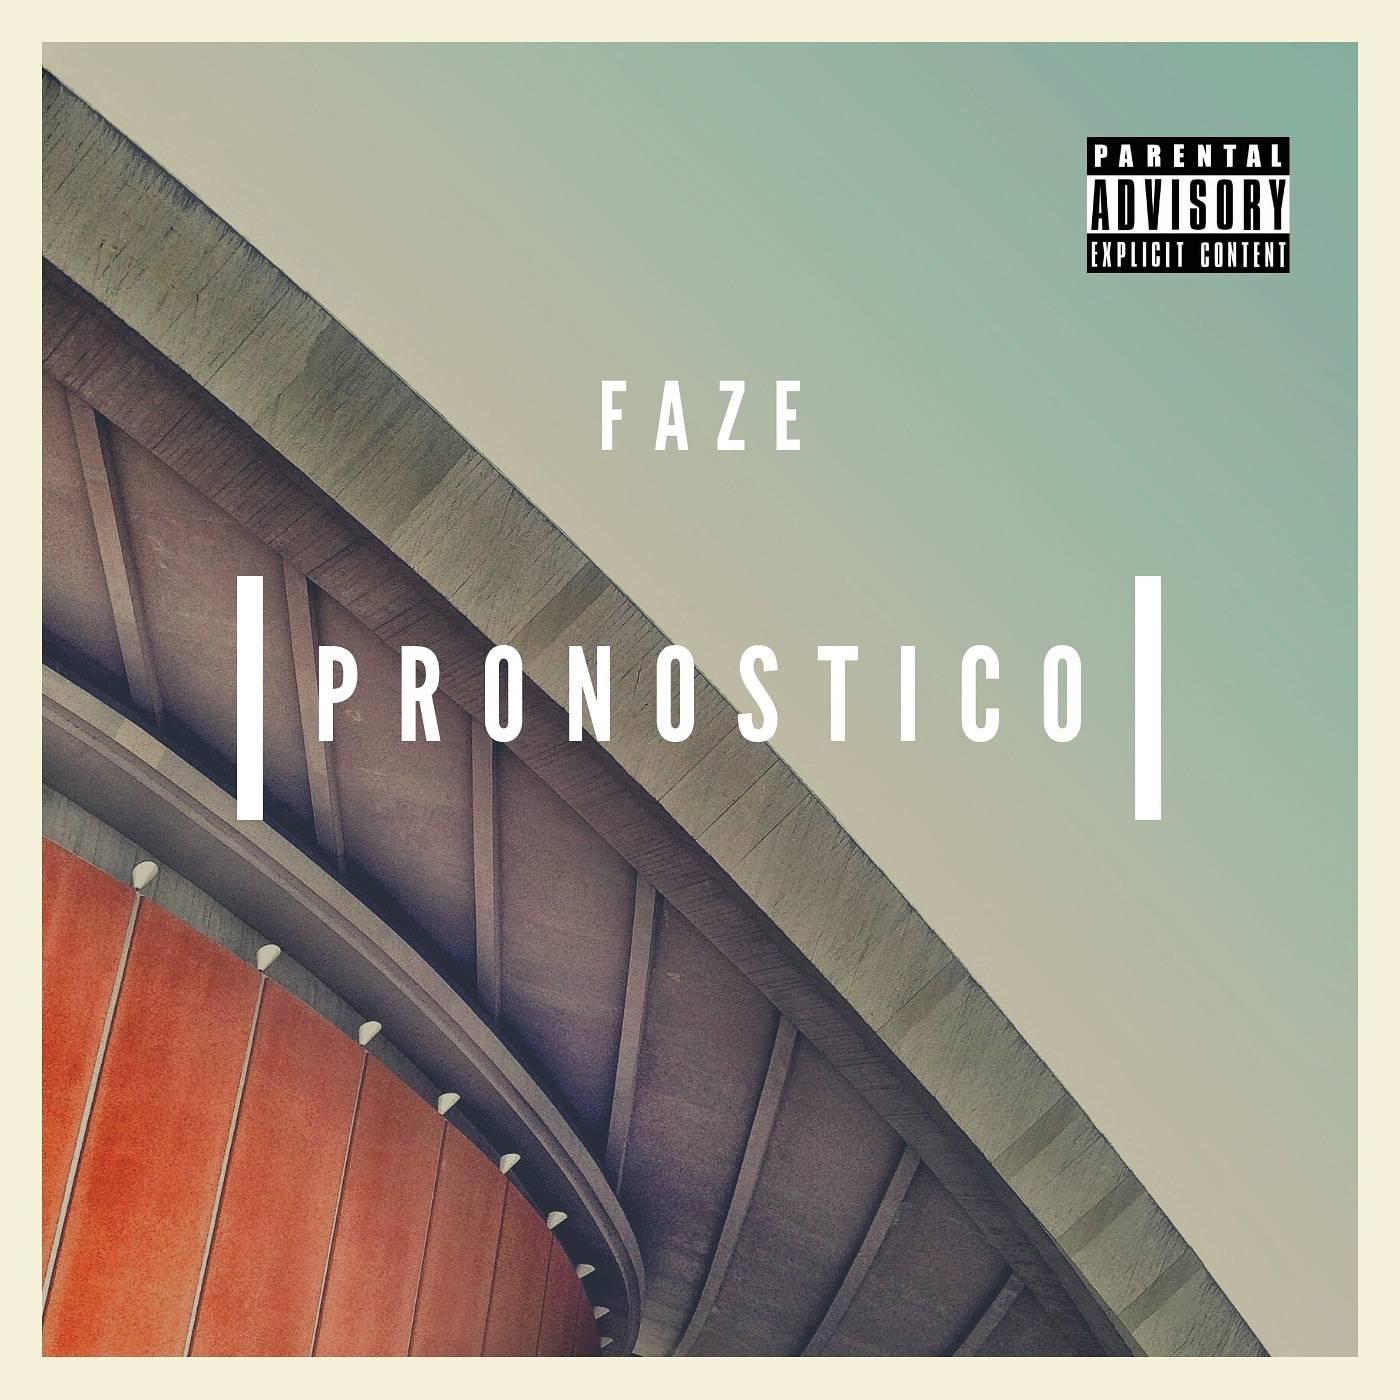 Andate ad ascoltare la nuova canzone di FAZE prodotta da Sick Luke